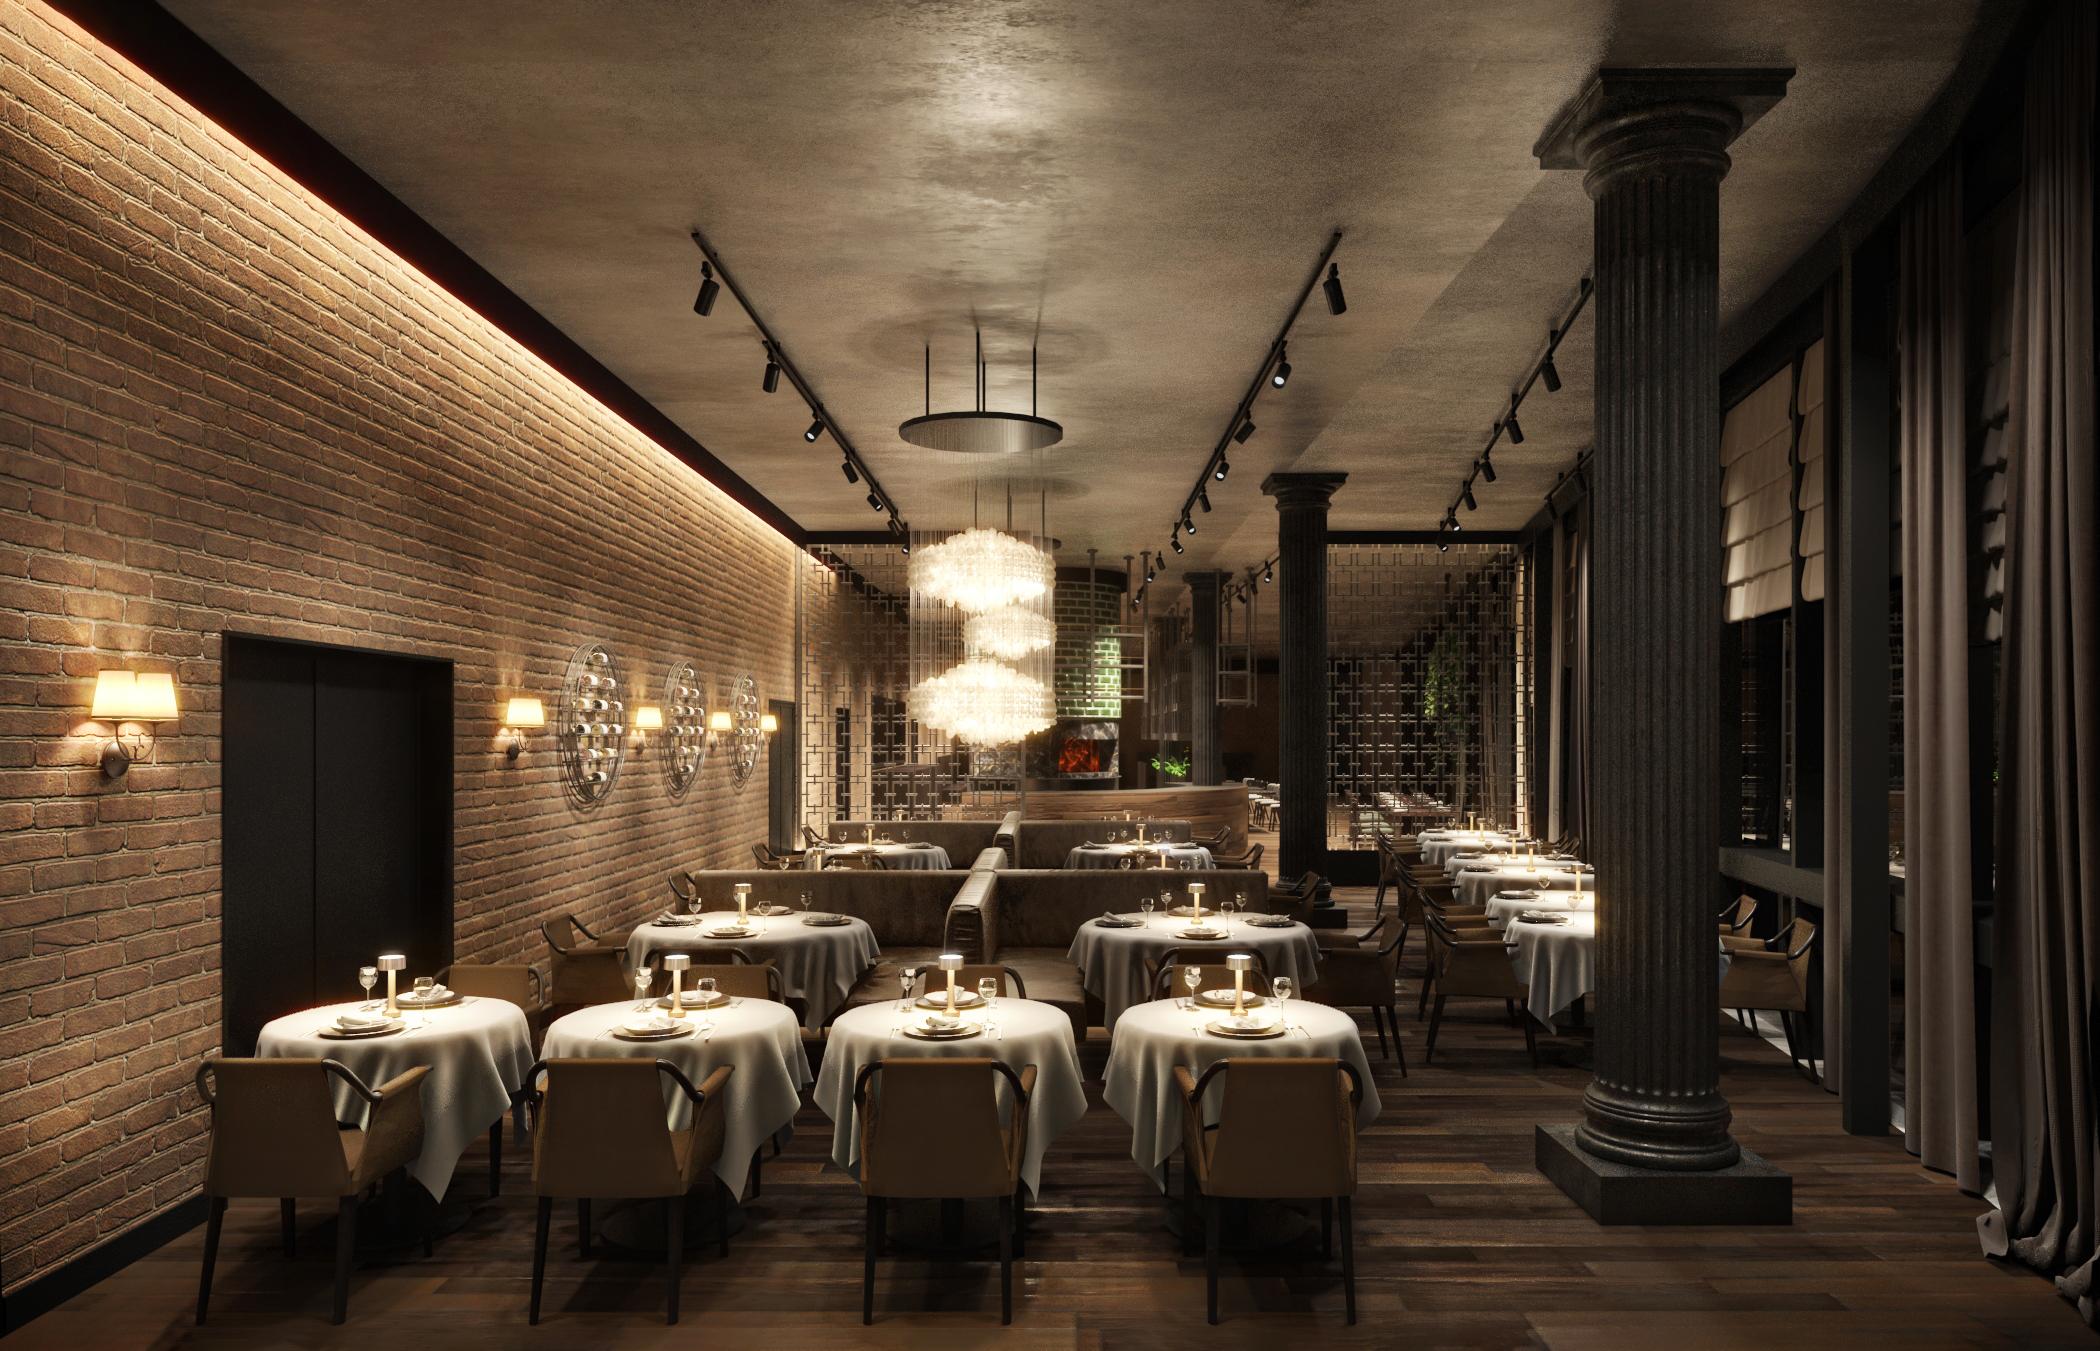 https://martinuzzi.ch/wp-content/uploads/2019/12/Doppio_gusto_restaurant_bottom_1.jpg